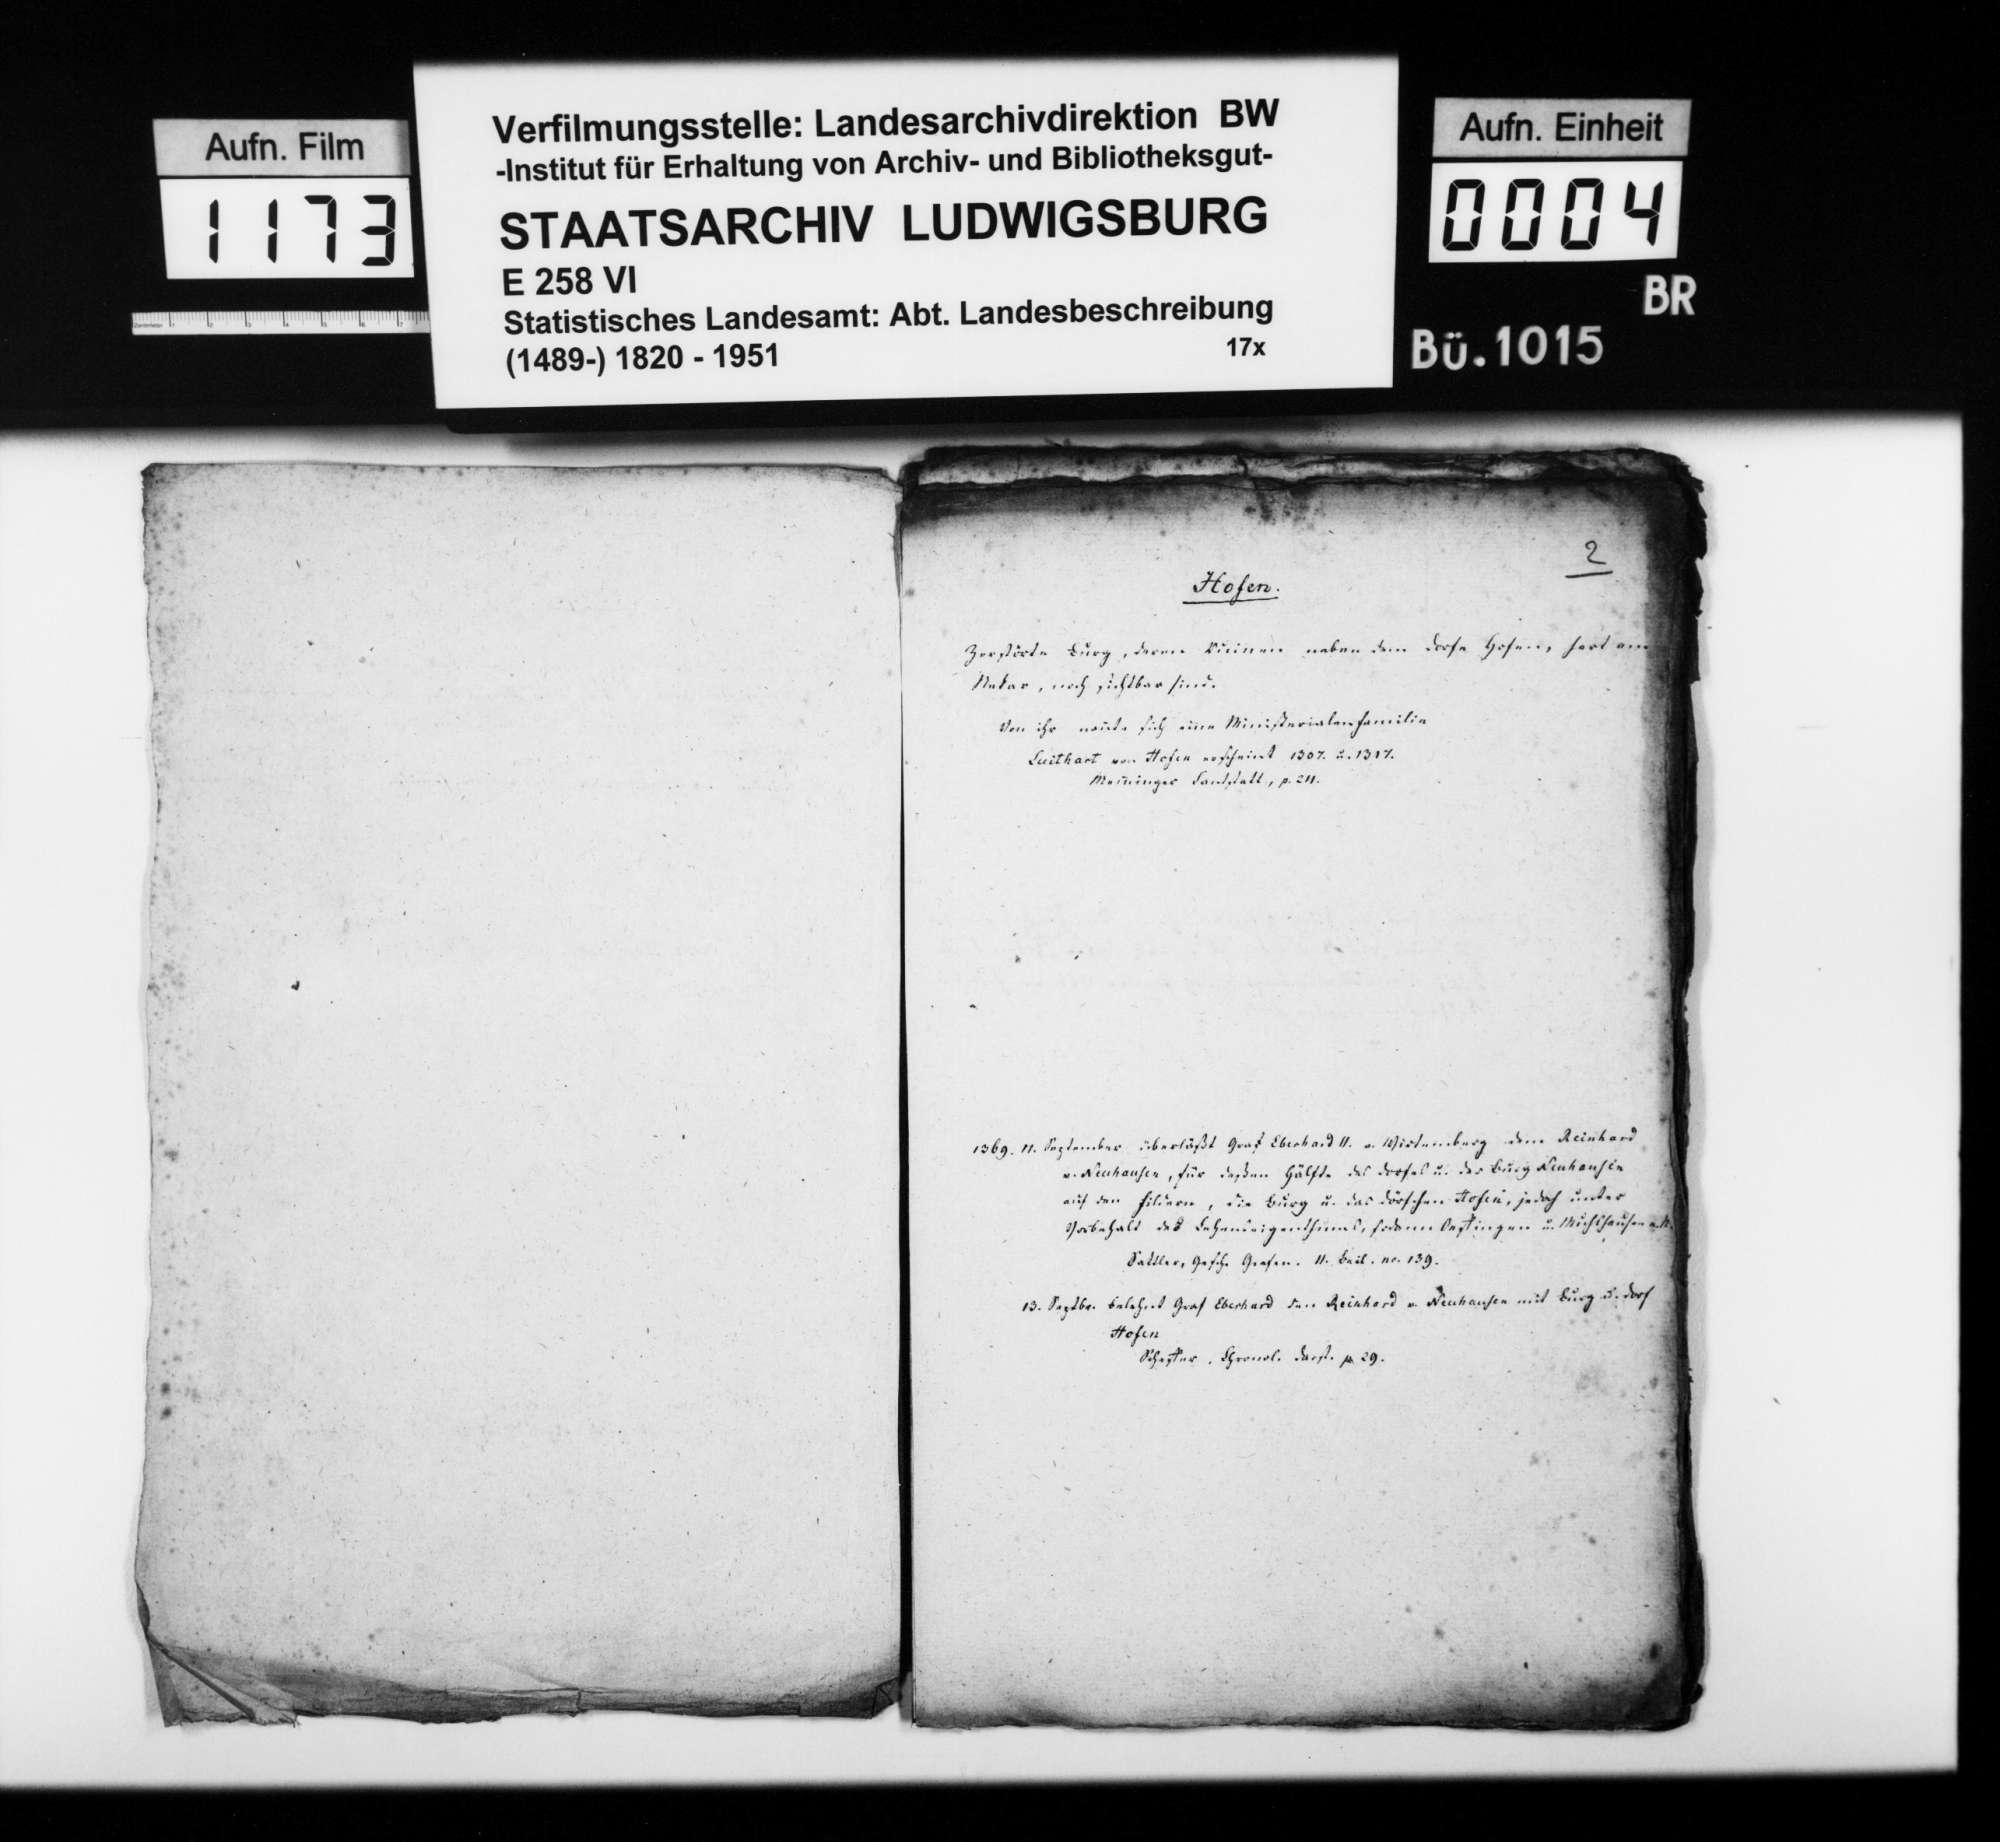 Historiographische Kollektaneen des Rechtskonsulenten [Karl] von Alberti zur Adels- und Burgengeschichte im Oberamt, Bild 3